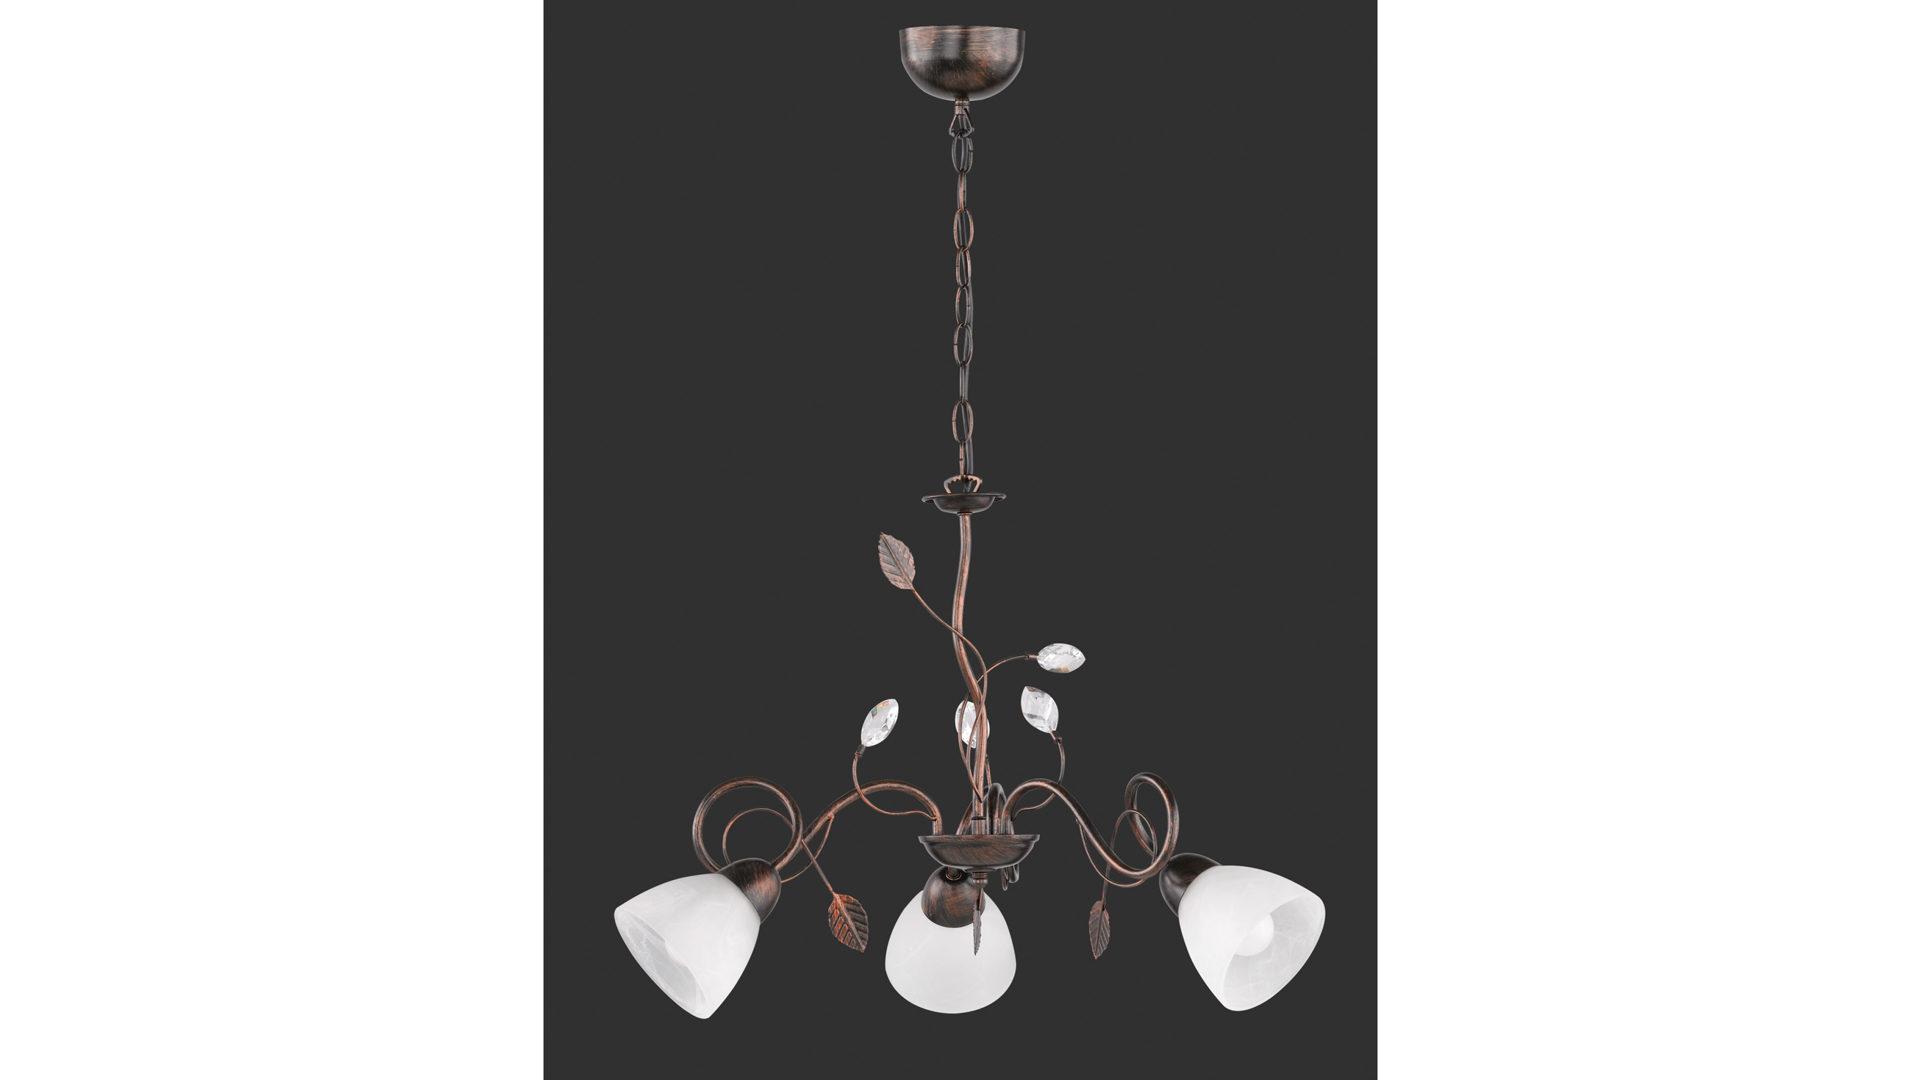 Kleine Lampenschirme Für Kronleuchter ~ Kronleuchter antik rostfarbenes metall u2013 drei lampenschirme bad